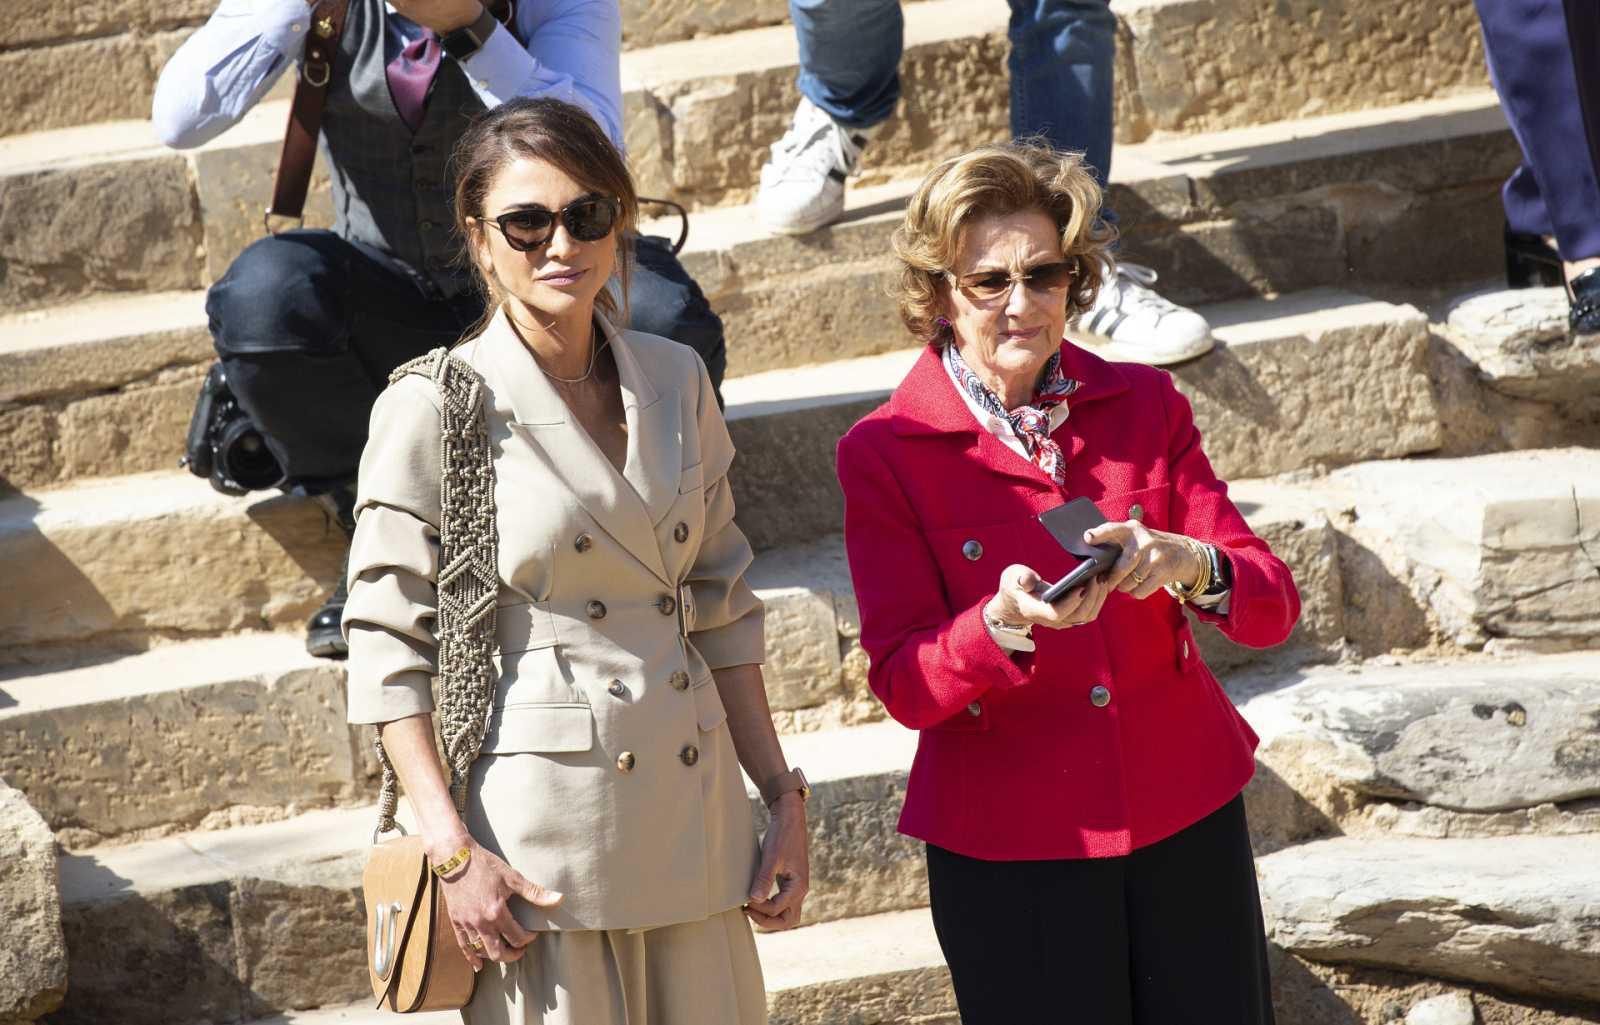 Rania de Jordania con la Reina Sonia de Noruega en la visita a las ruinas de Al Maghtas